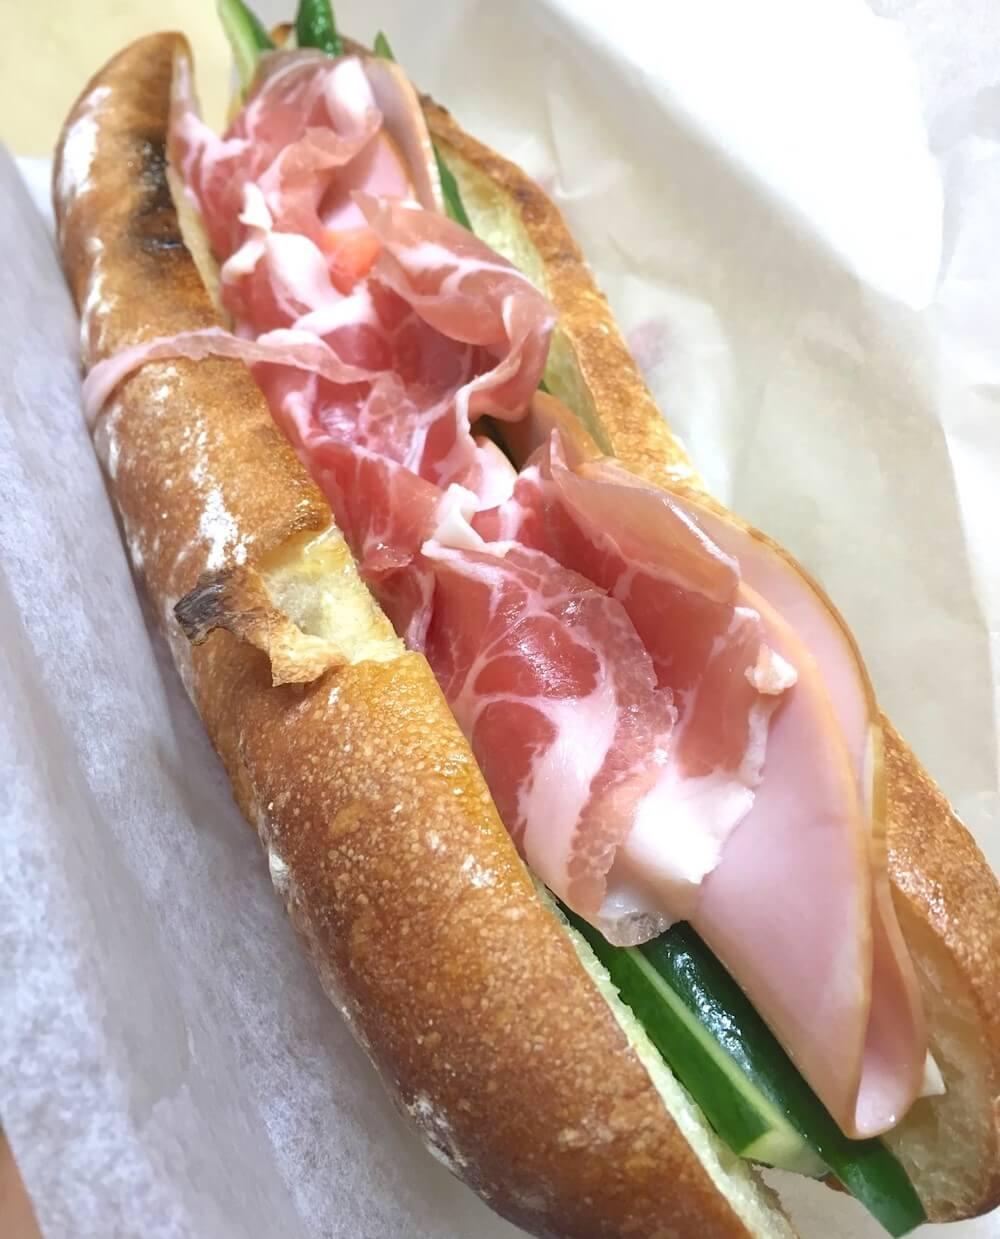 イタリアンバケットサンドイッチ/¥1,090(税込み)